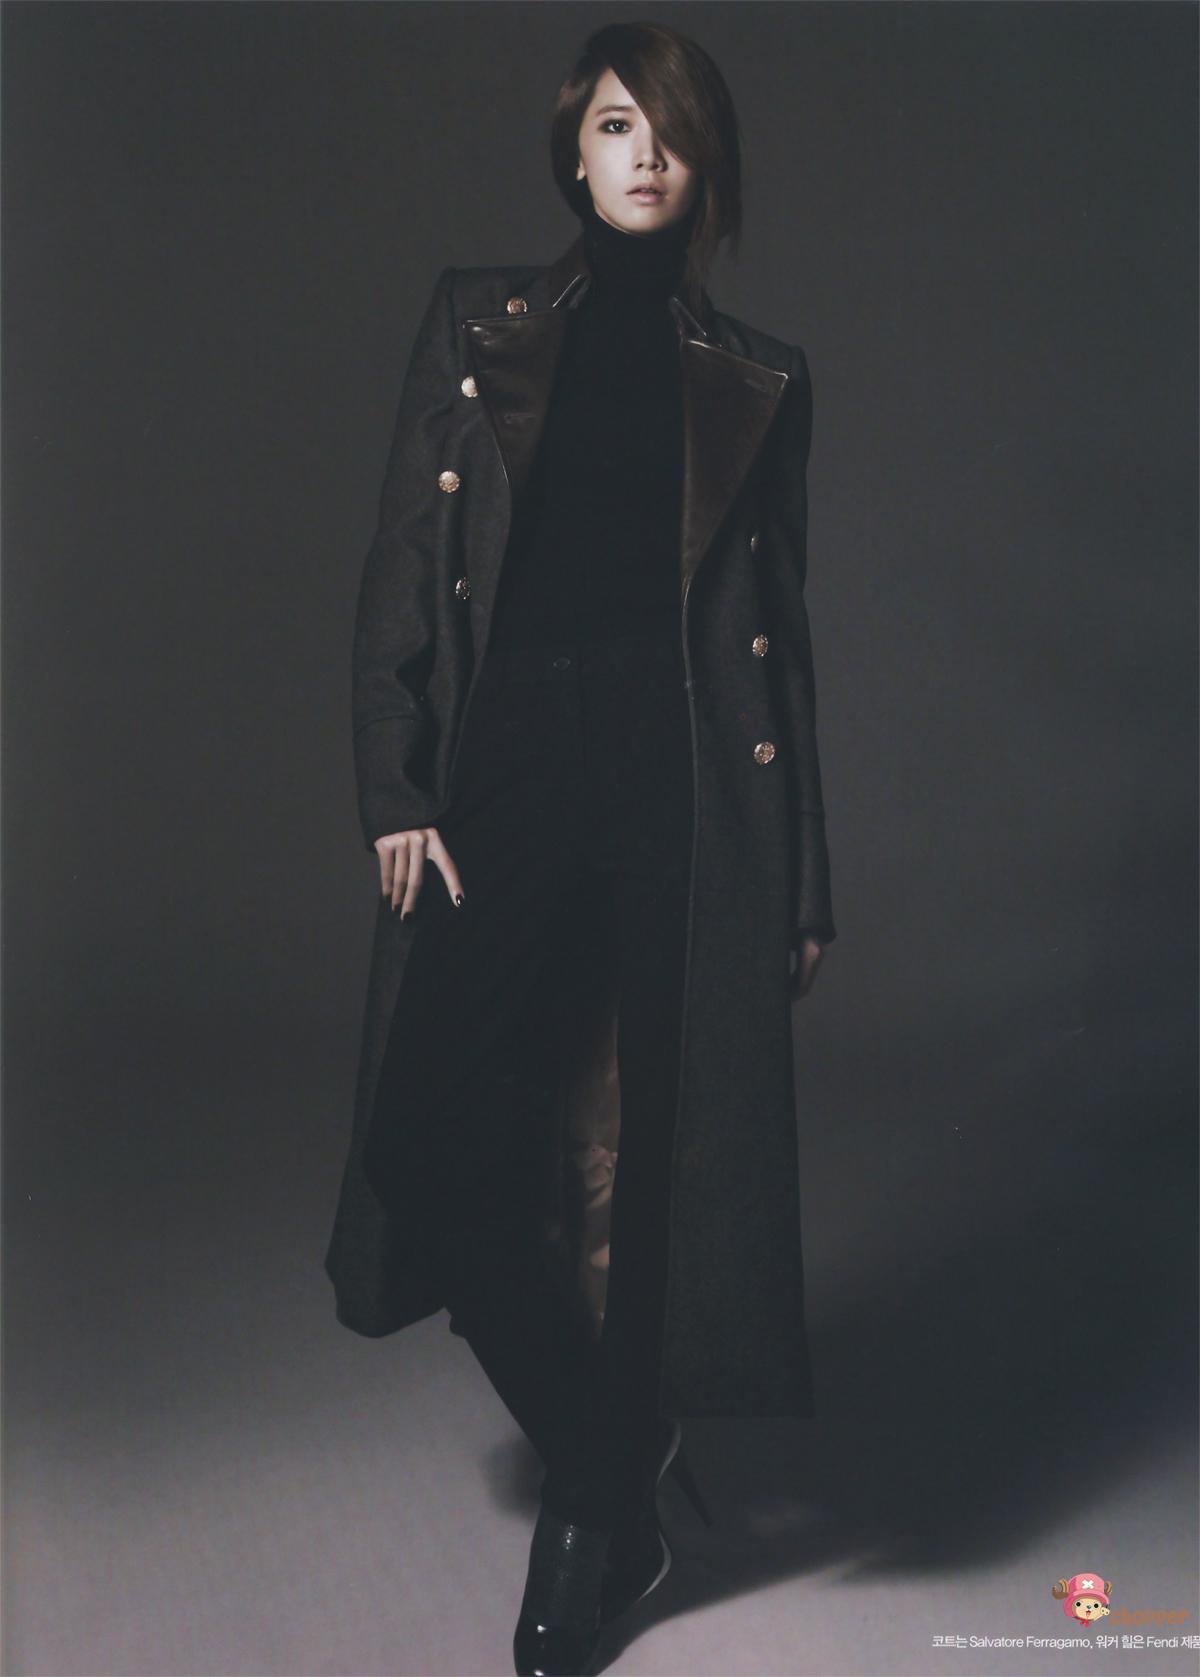 Snsd Yoona Harpers Bazaar Magazine